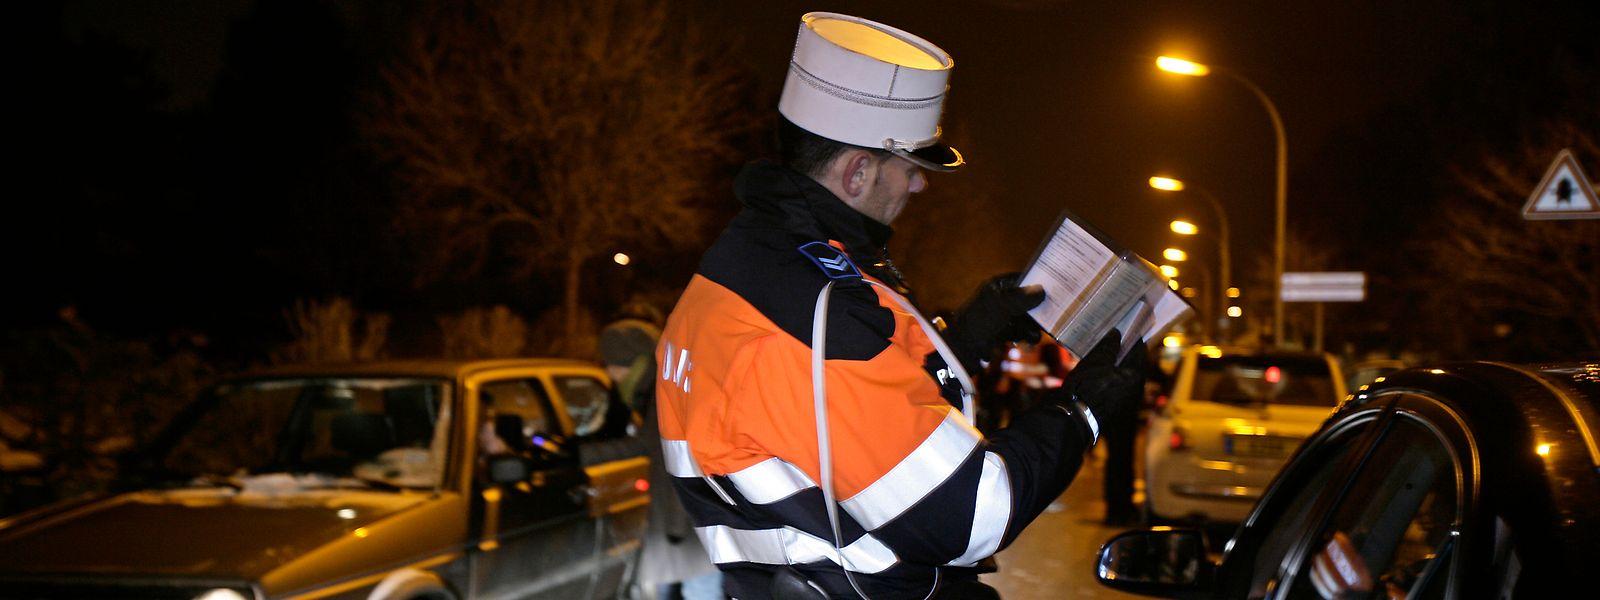 85% des retraits de permis de conduire sont en lien avec des conduites en état d'ivresse.